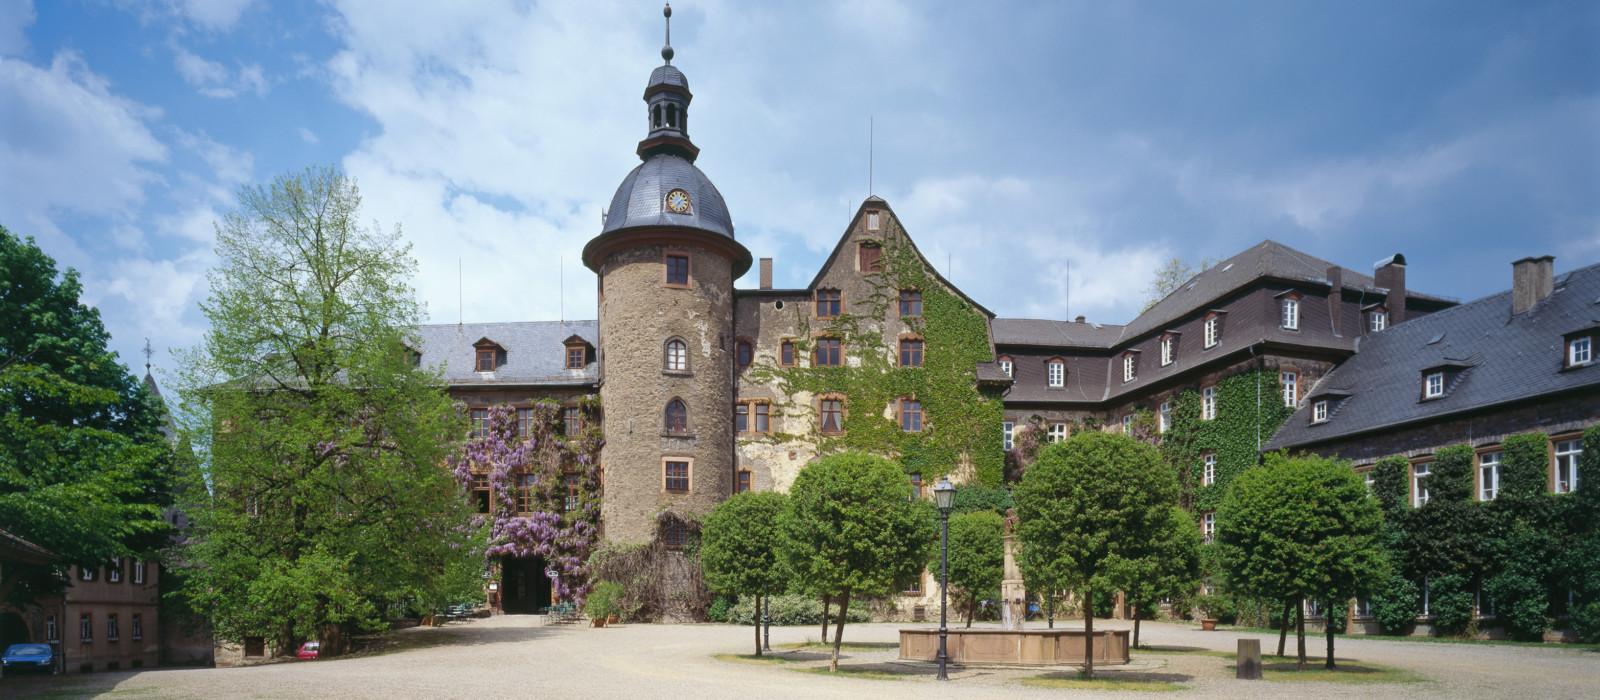 Ausansicht Schloss Laubach